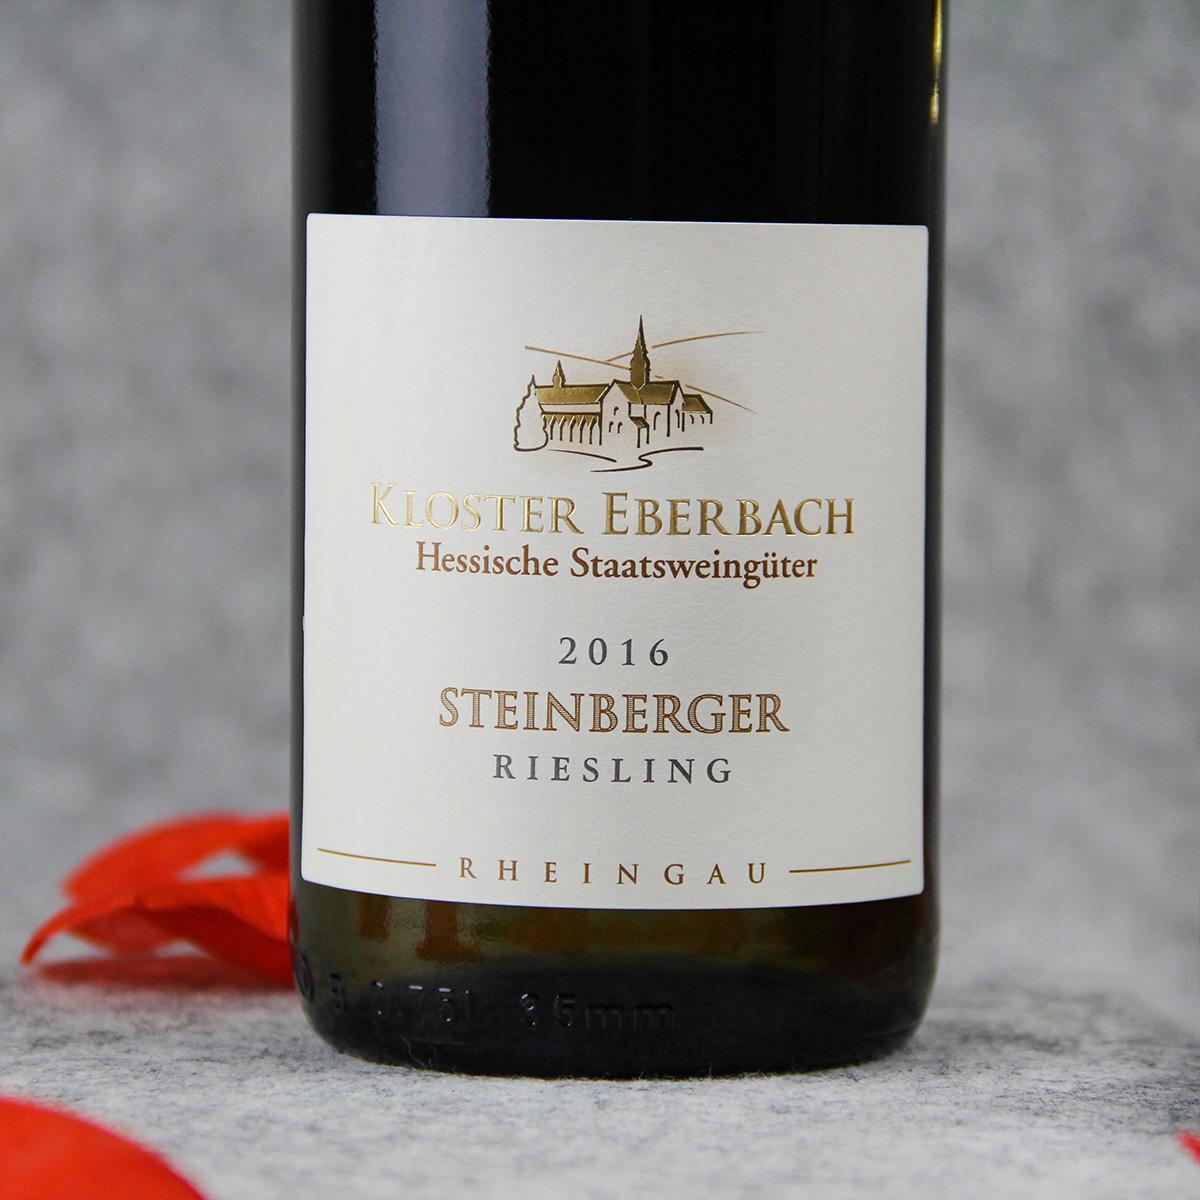 德国莱茵高埃伯巴赫酒庄雷司令施泰因贝格园VDP村庄级半甜白葡萄酒